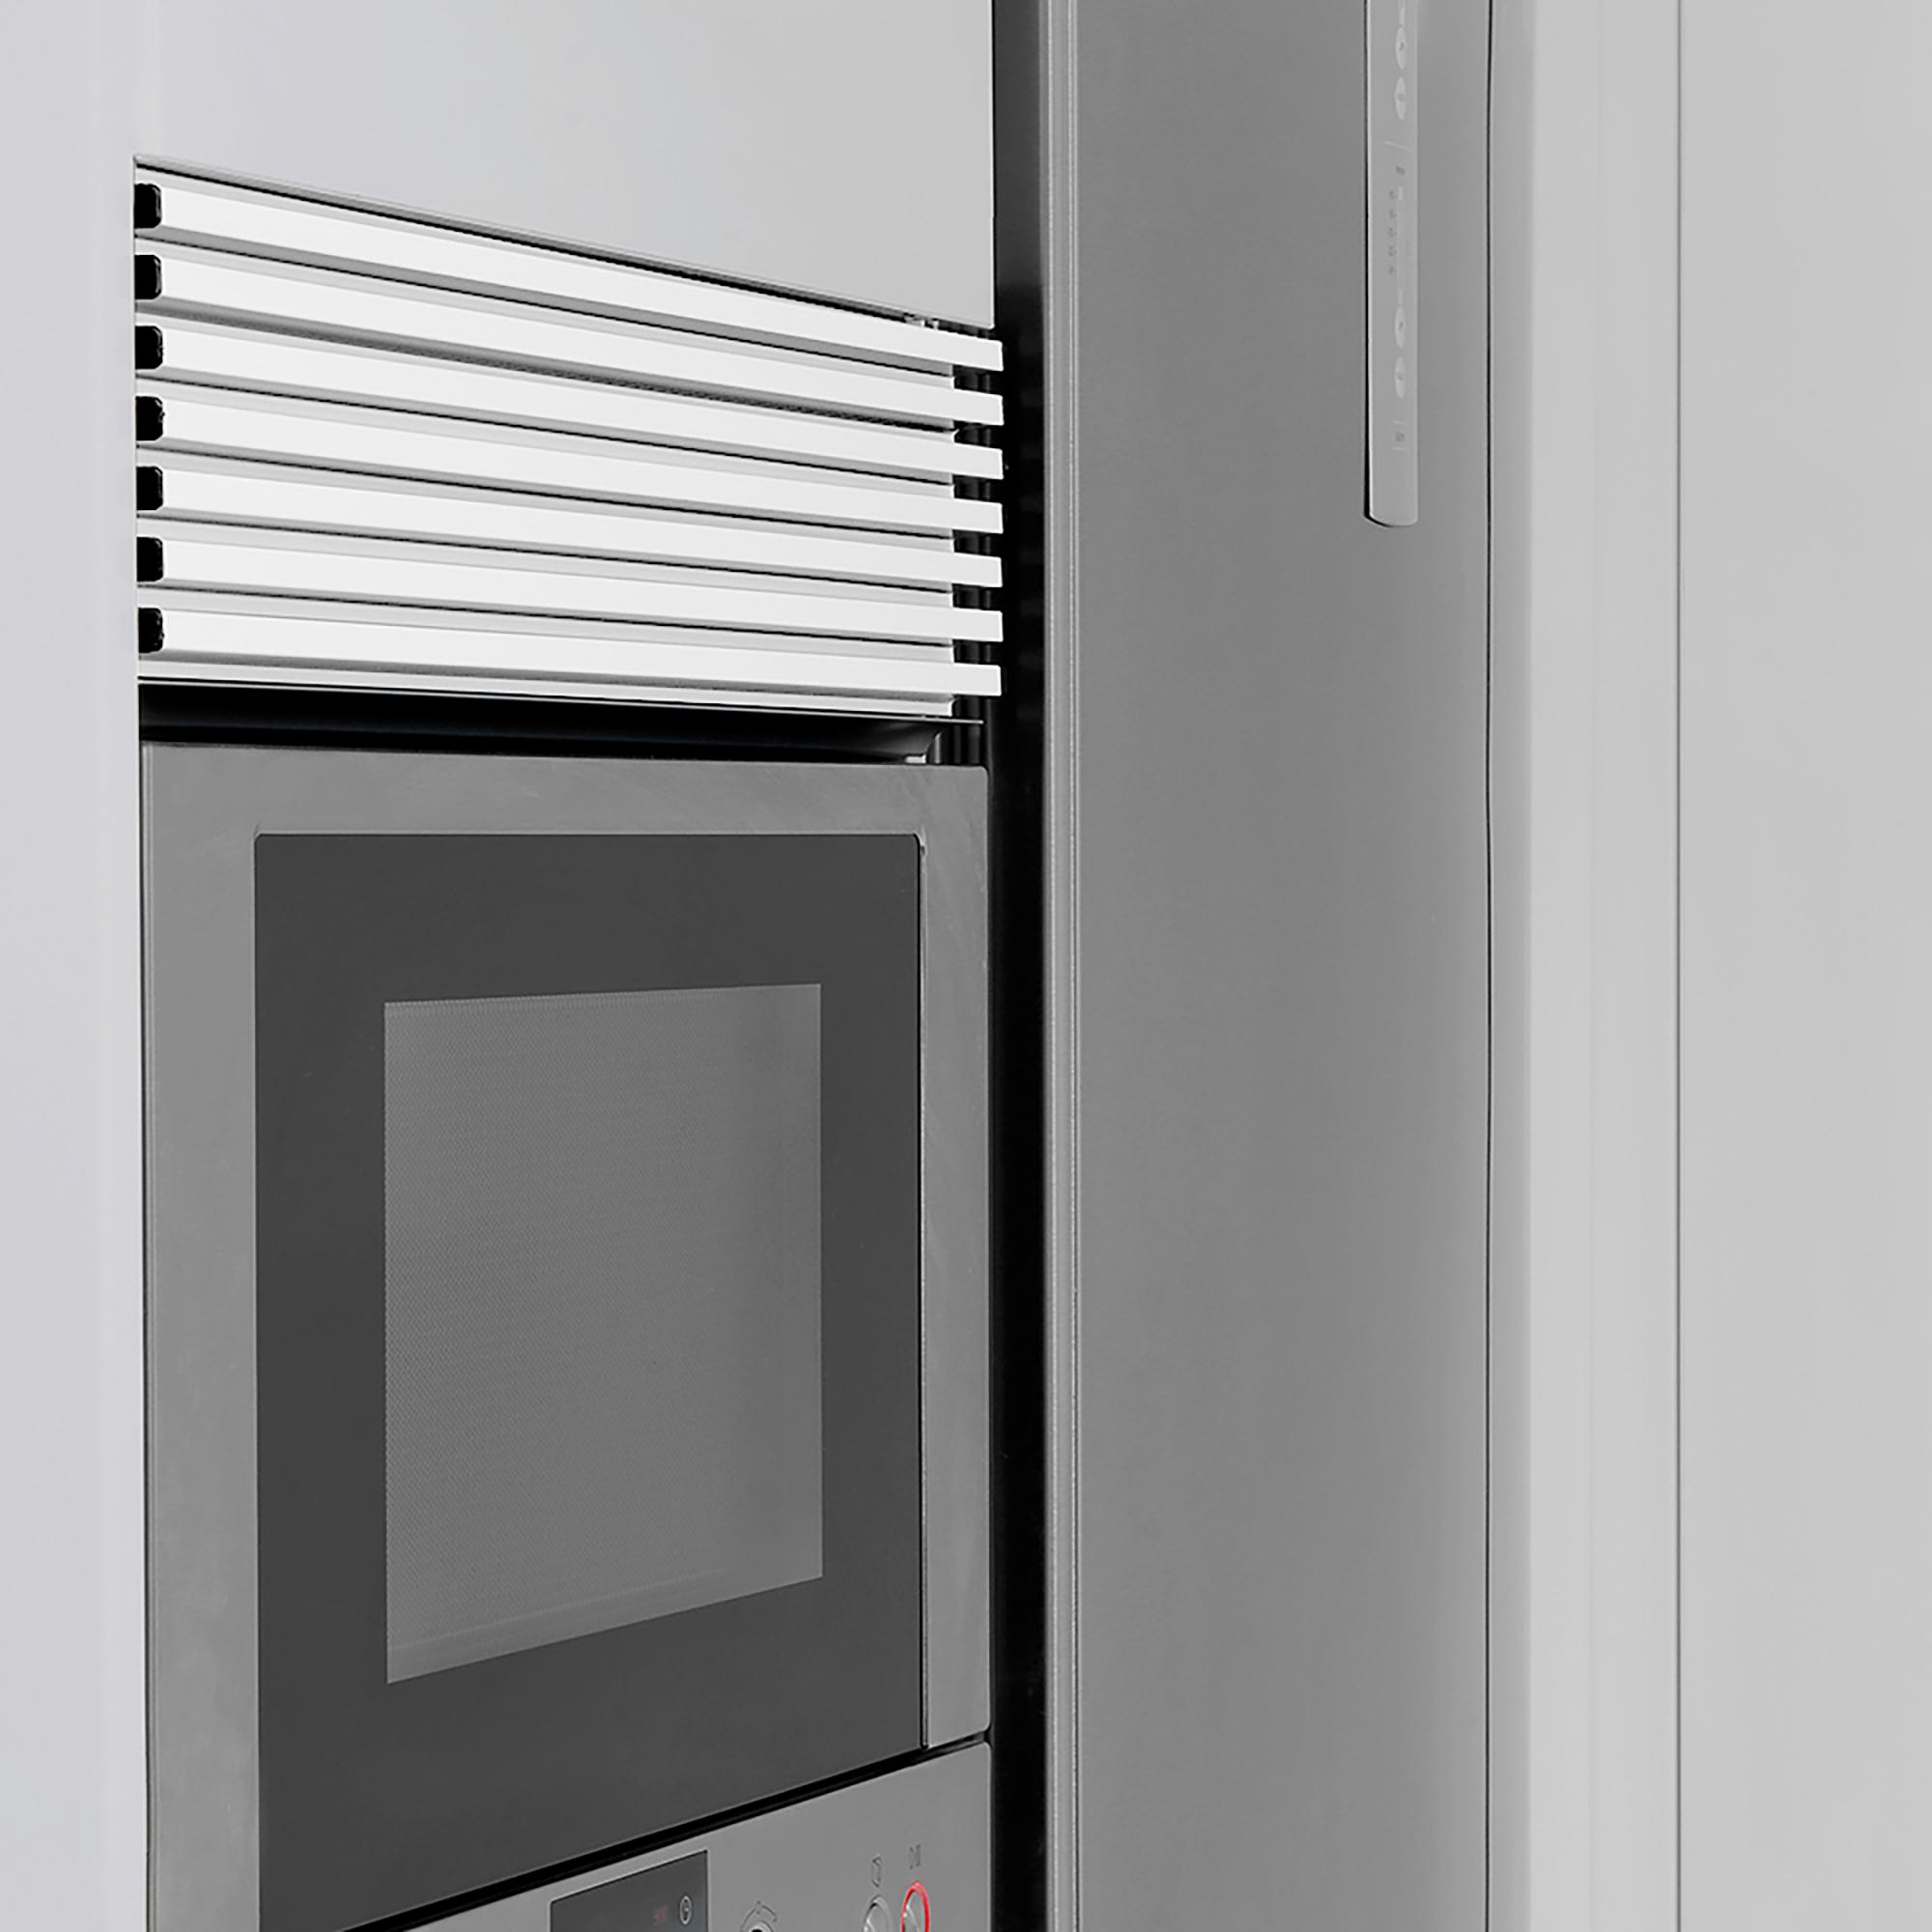 Emuca Griglia forno, modulo 600 mm, Alluminio, Anodizzato inox